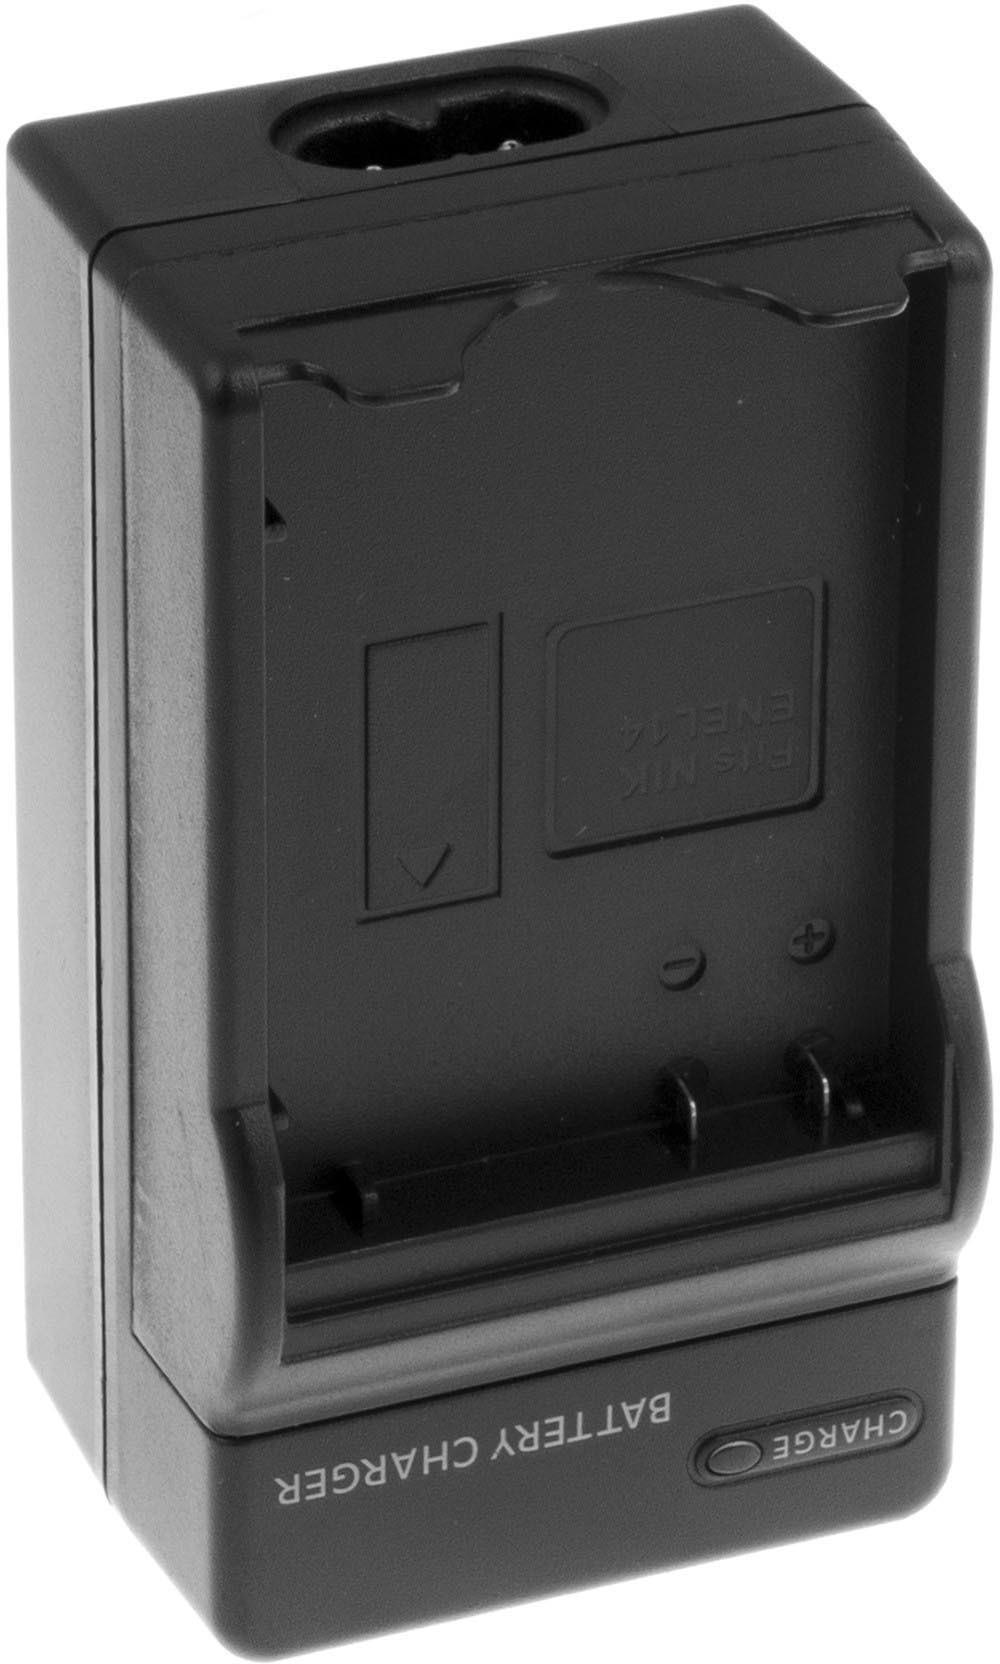 Green Cell ® Camera Battery Charger EN-EL14 for Nikon D3100 D3300 D5100 D5200 CoolPix P7000